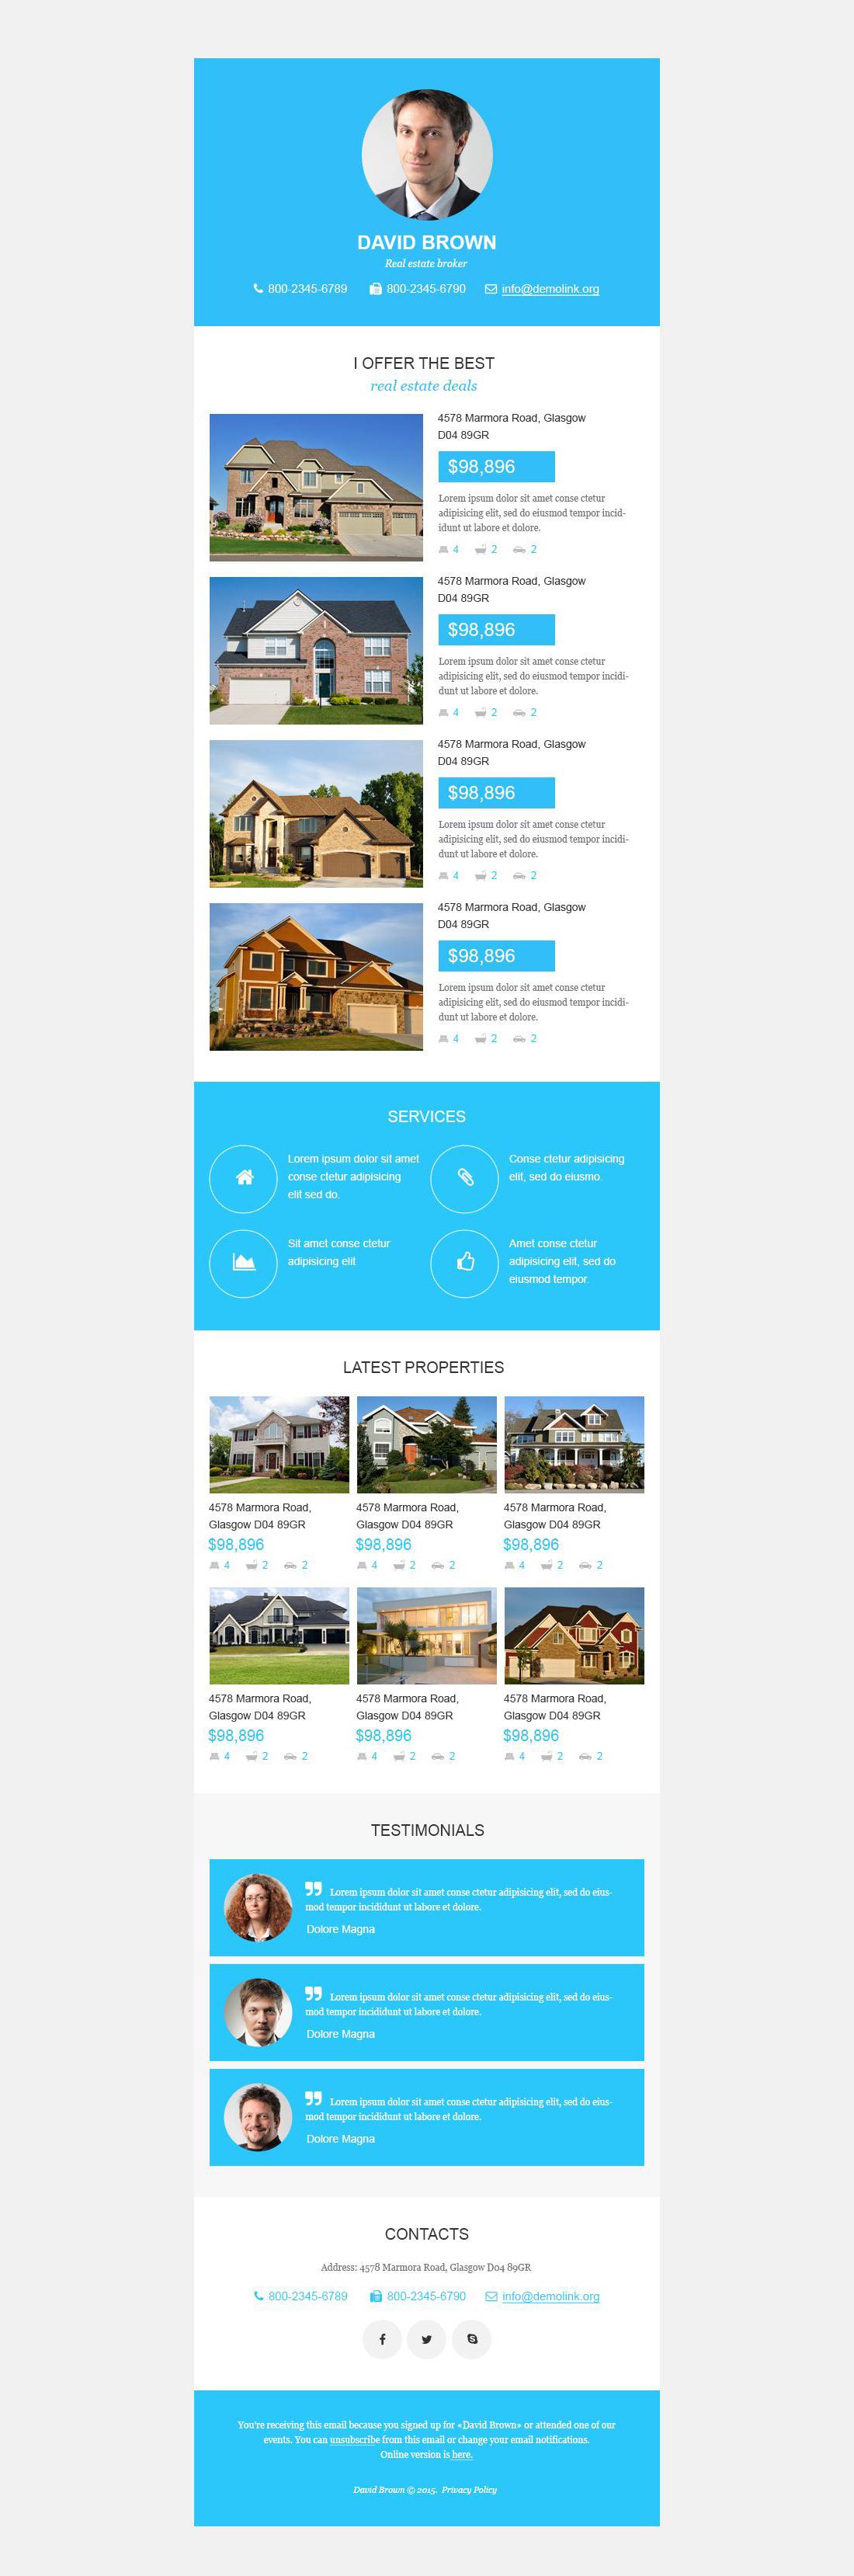 Template de Newsletter Flexível para Sites de Agencia imobiliária №53284